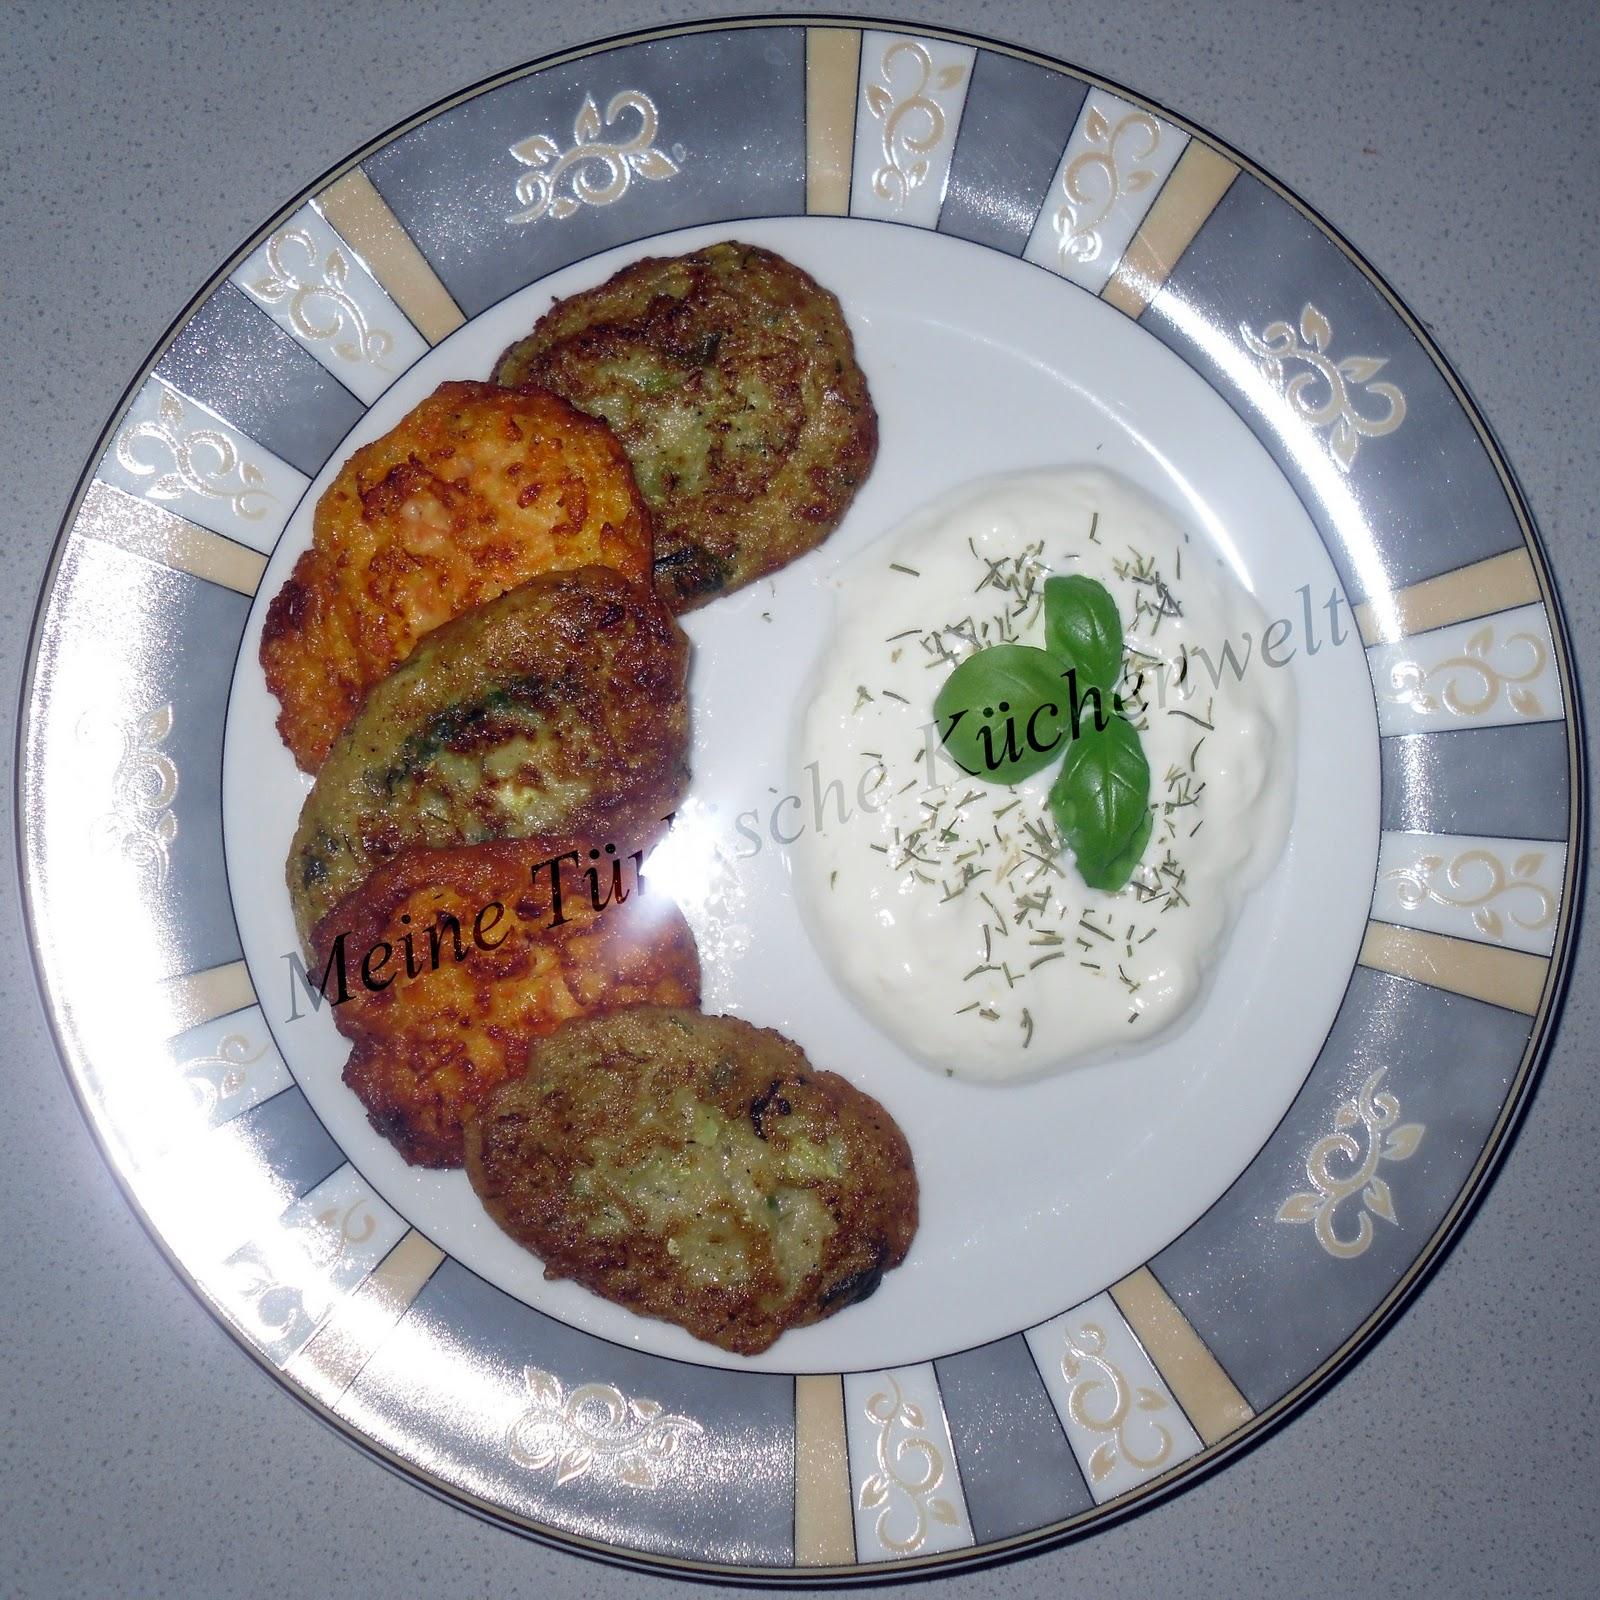 Meine Türkische Küchenwelt: Vegetarische Frikadellen (Mücver)